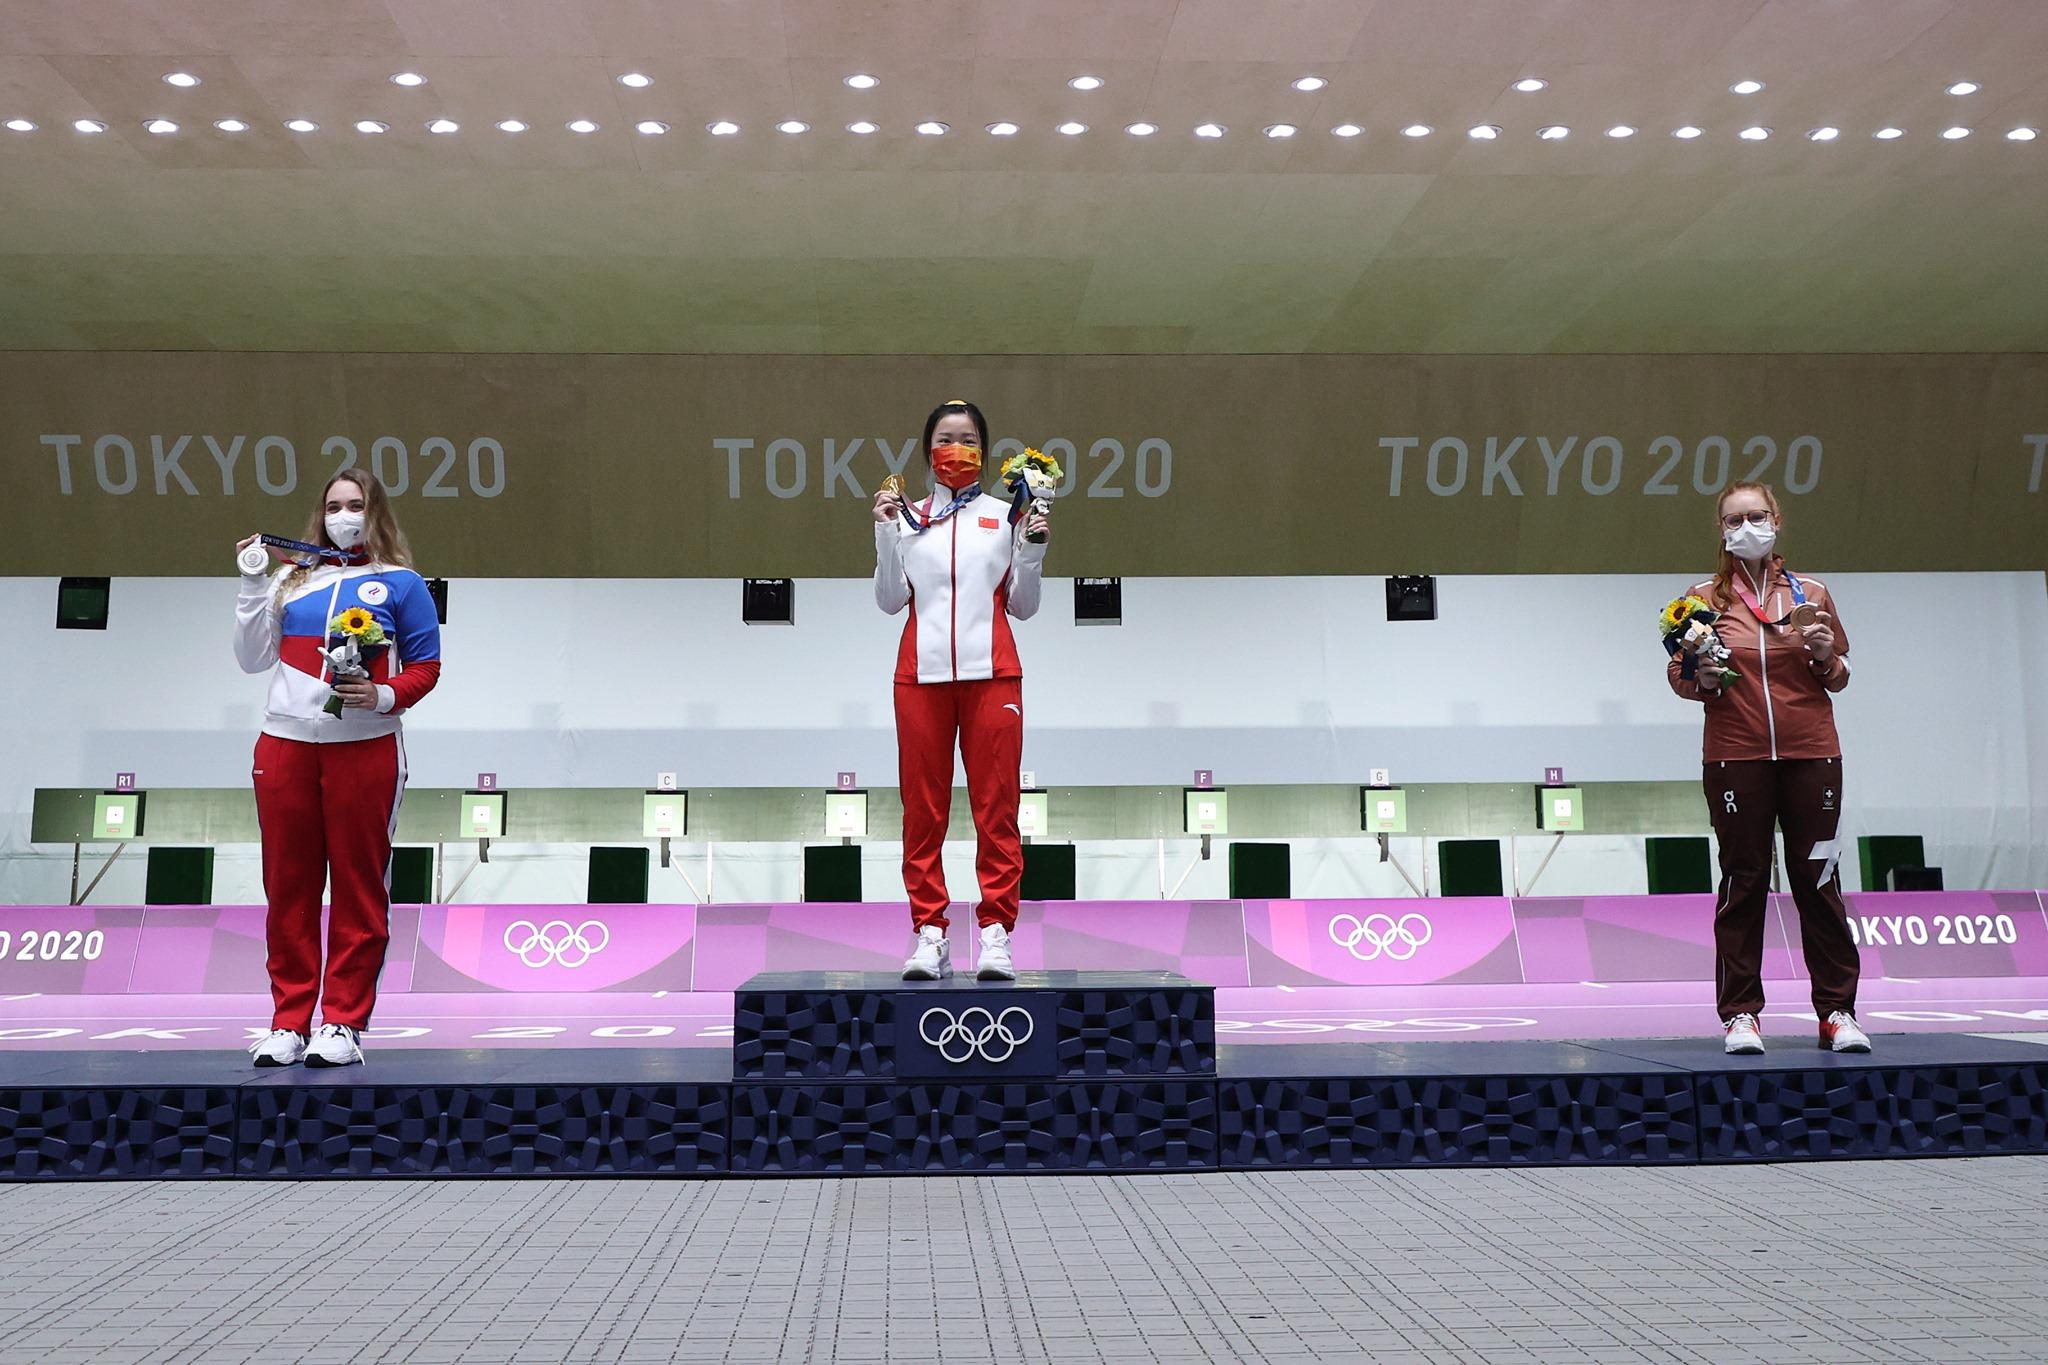 टोकियो जारी ओलम्पिकमा चीनले सर्वाधिक ३ स्वर्ण र १ कास्यसहित शिर्ष स्थानमा